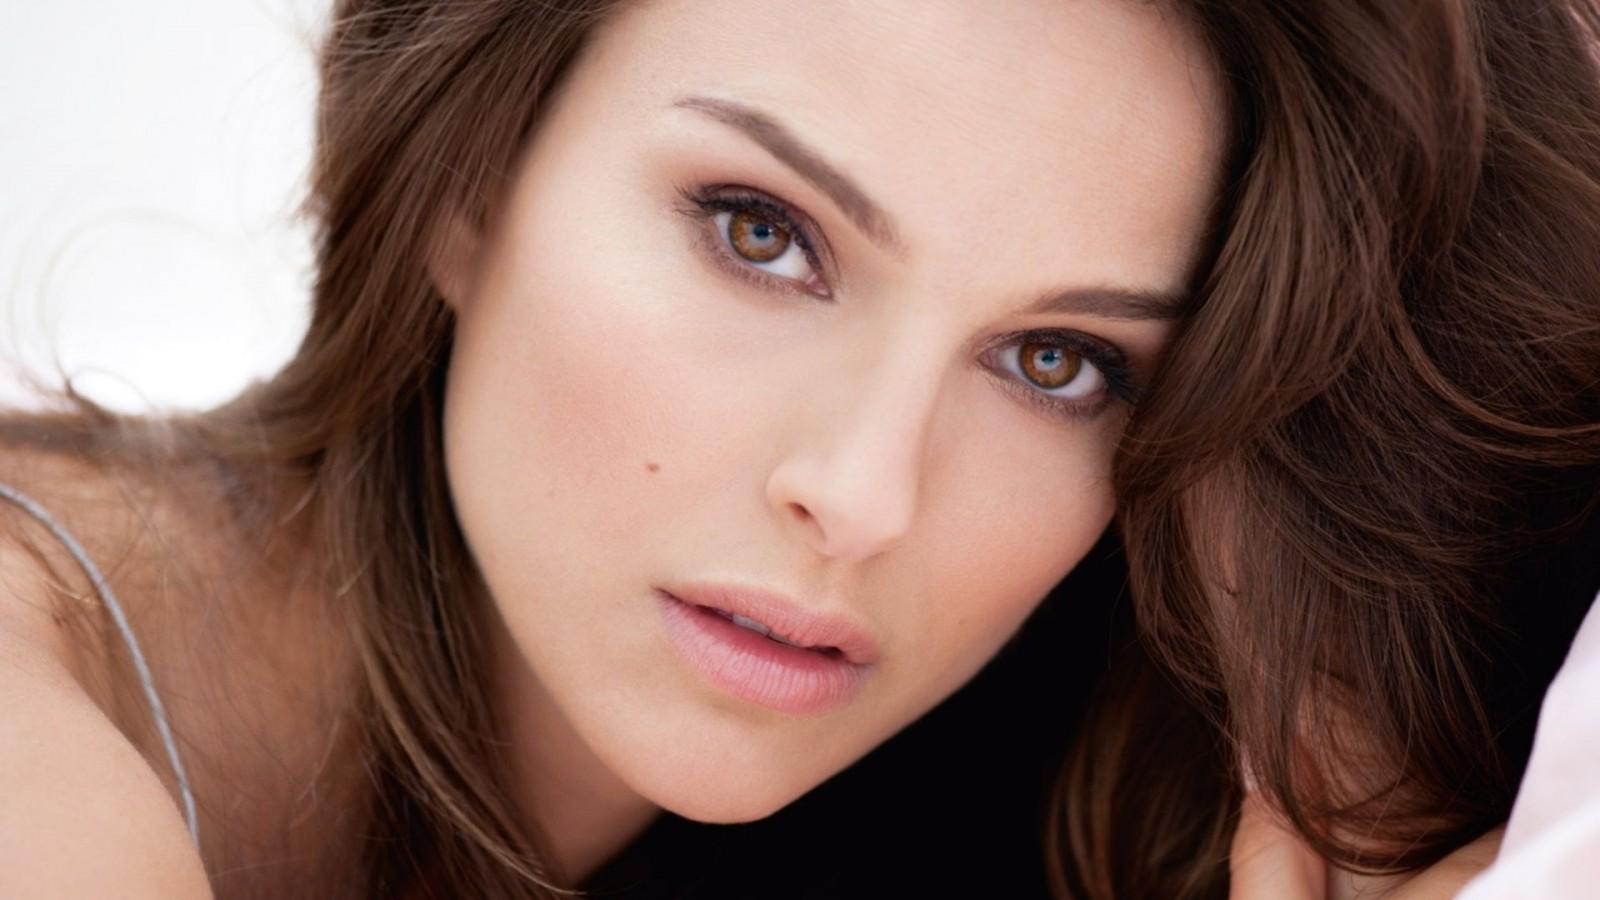 Natalie Portman Wallpaper HD 1080p